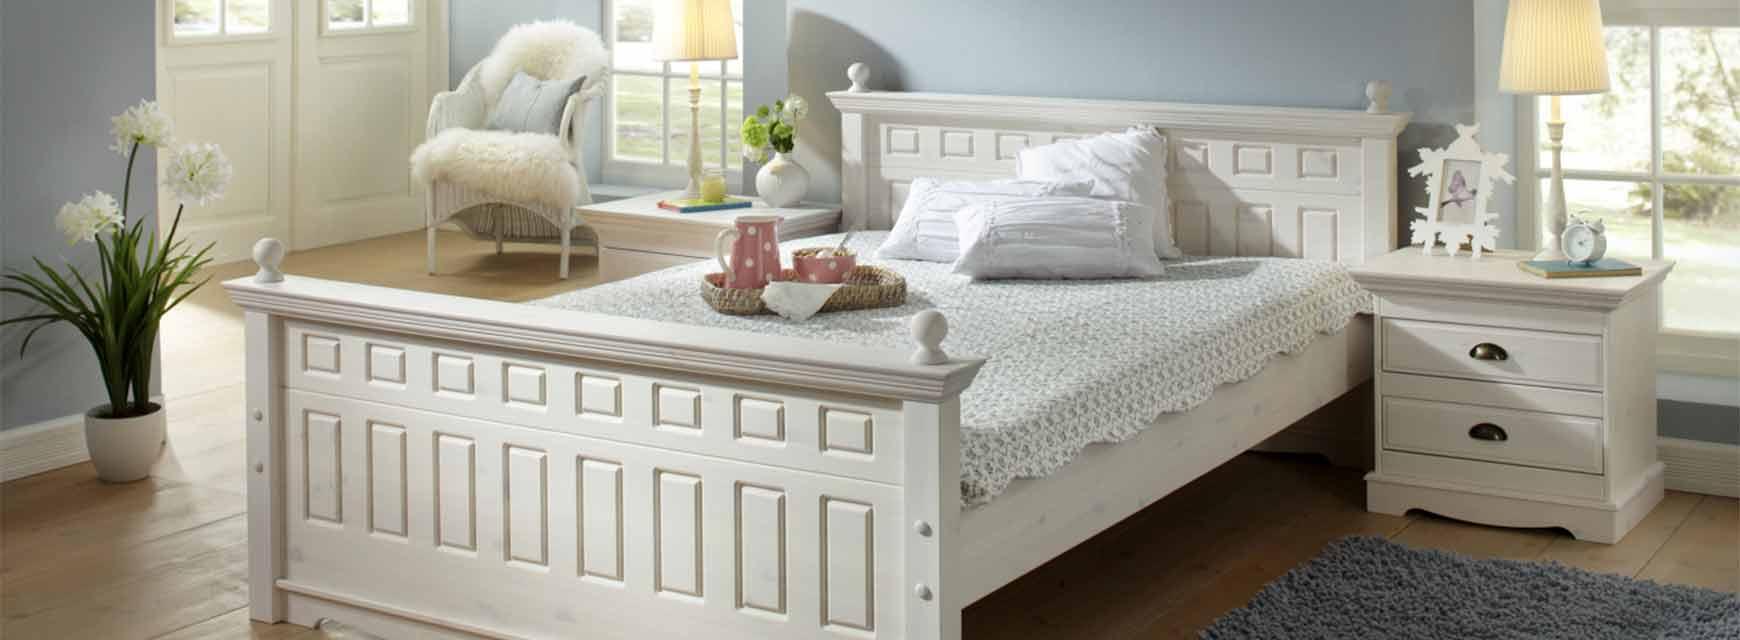 Full Size of Bett Billerbeck Betten Bopita Mit Bettkasten 160x200 Weiß 120x200 Massiv 180x200 Wohnwert De Rückwand Rauch Beleuchtung Bett Bett 1.40